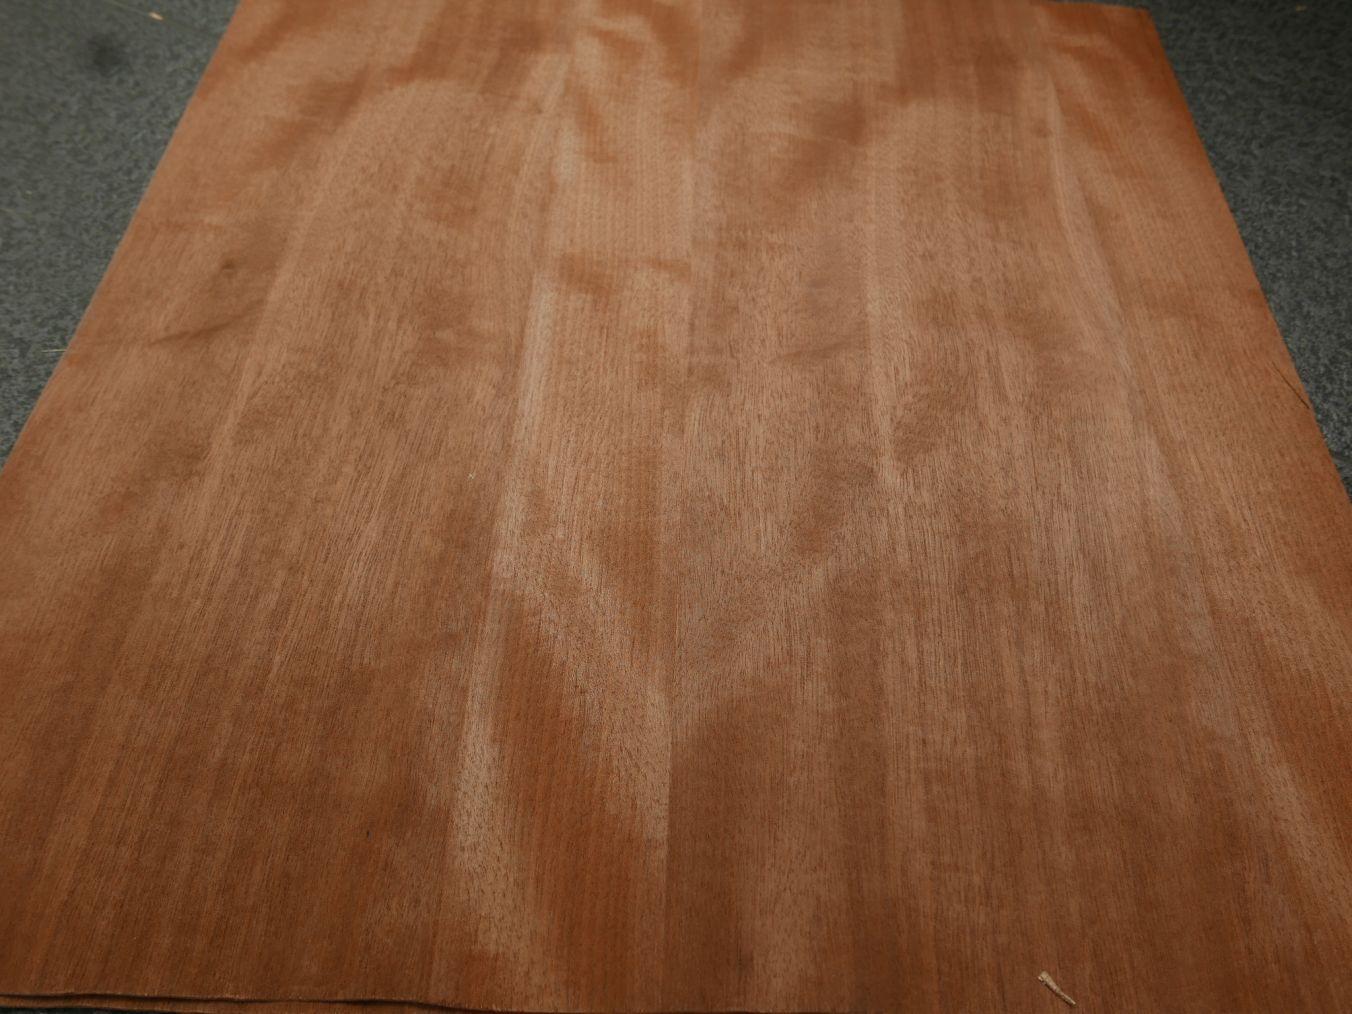 G1233-1 Geveogd Mahonie 50x55cm 4st